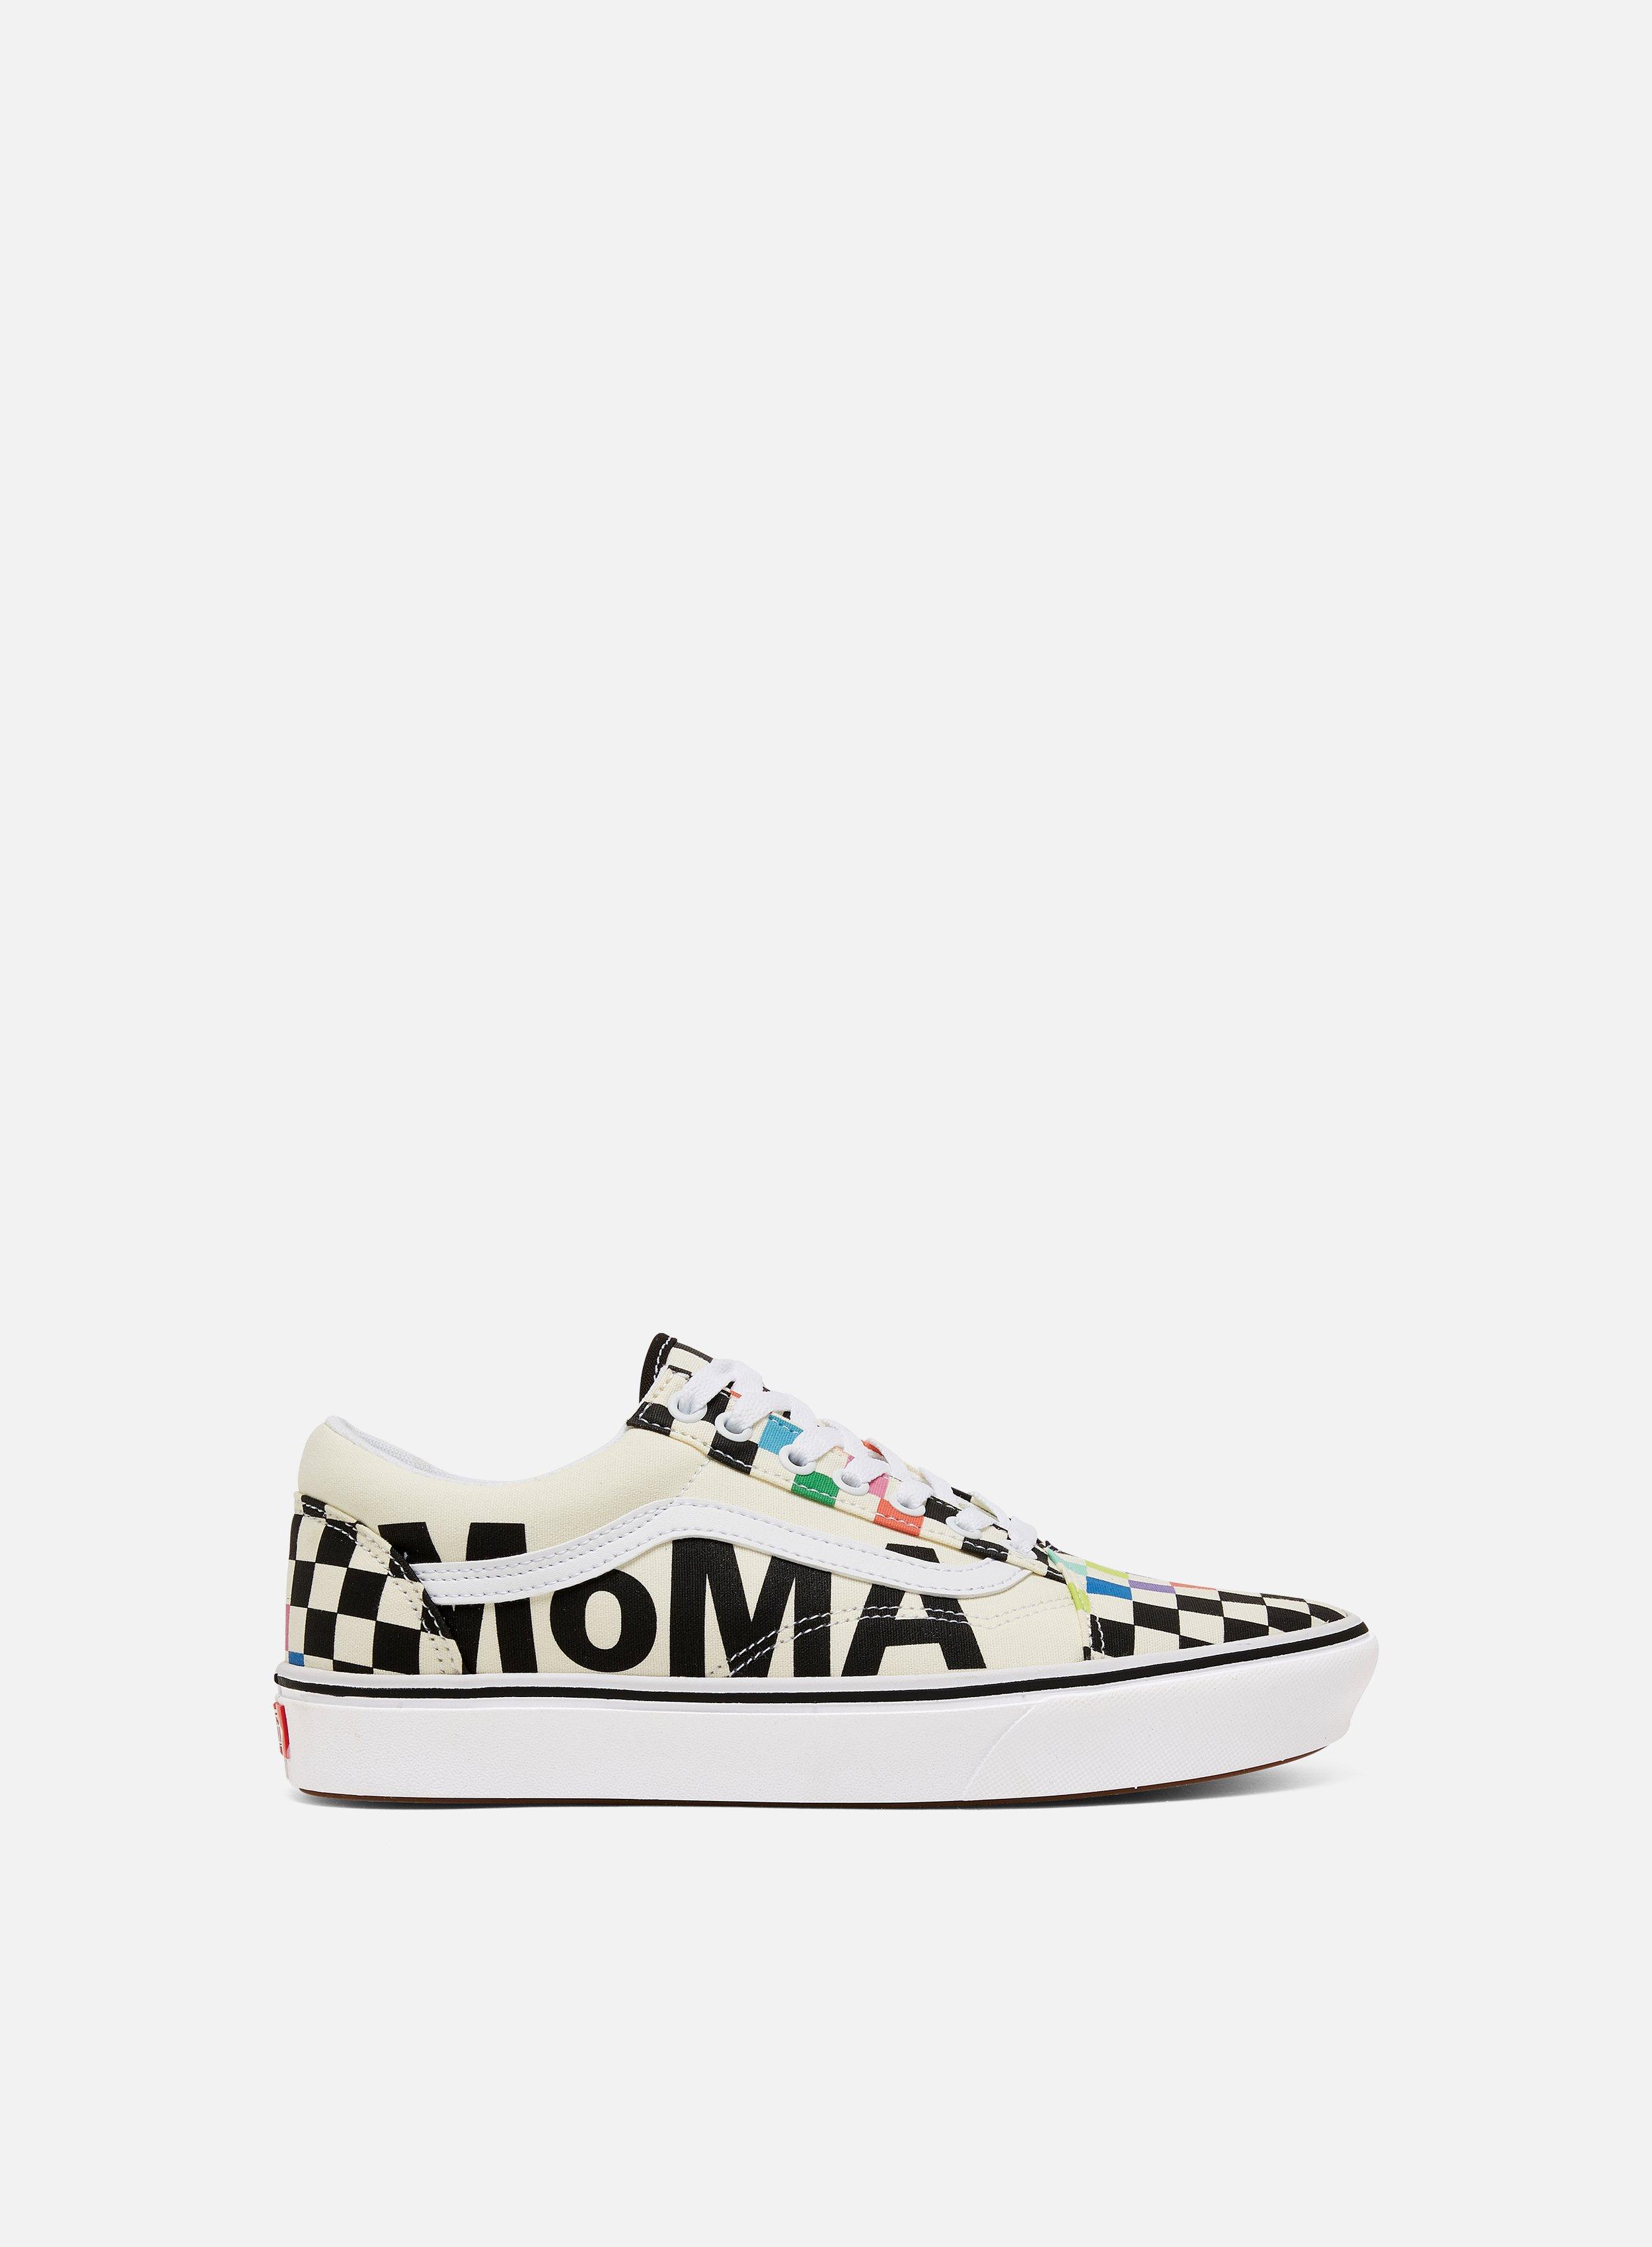 ComfyCush Old Skool MoMA Brand